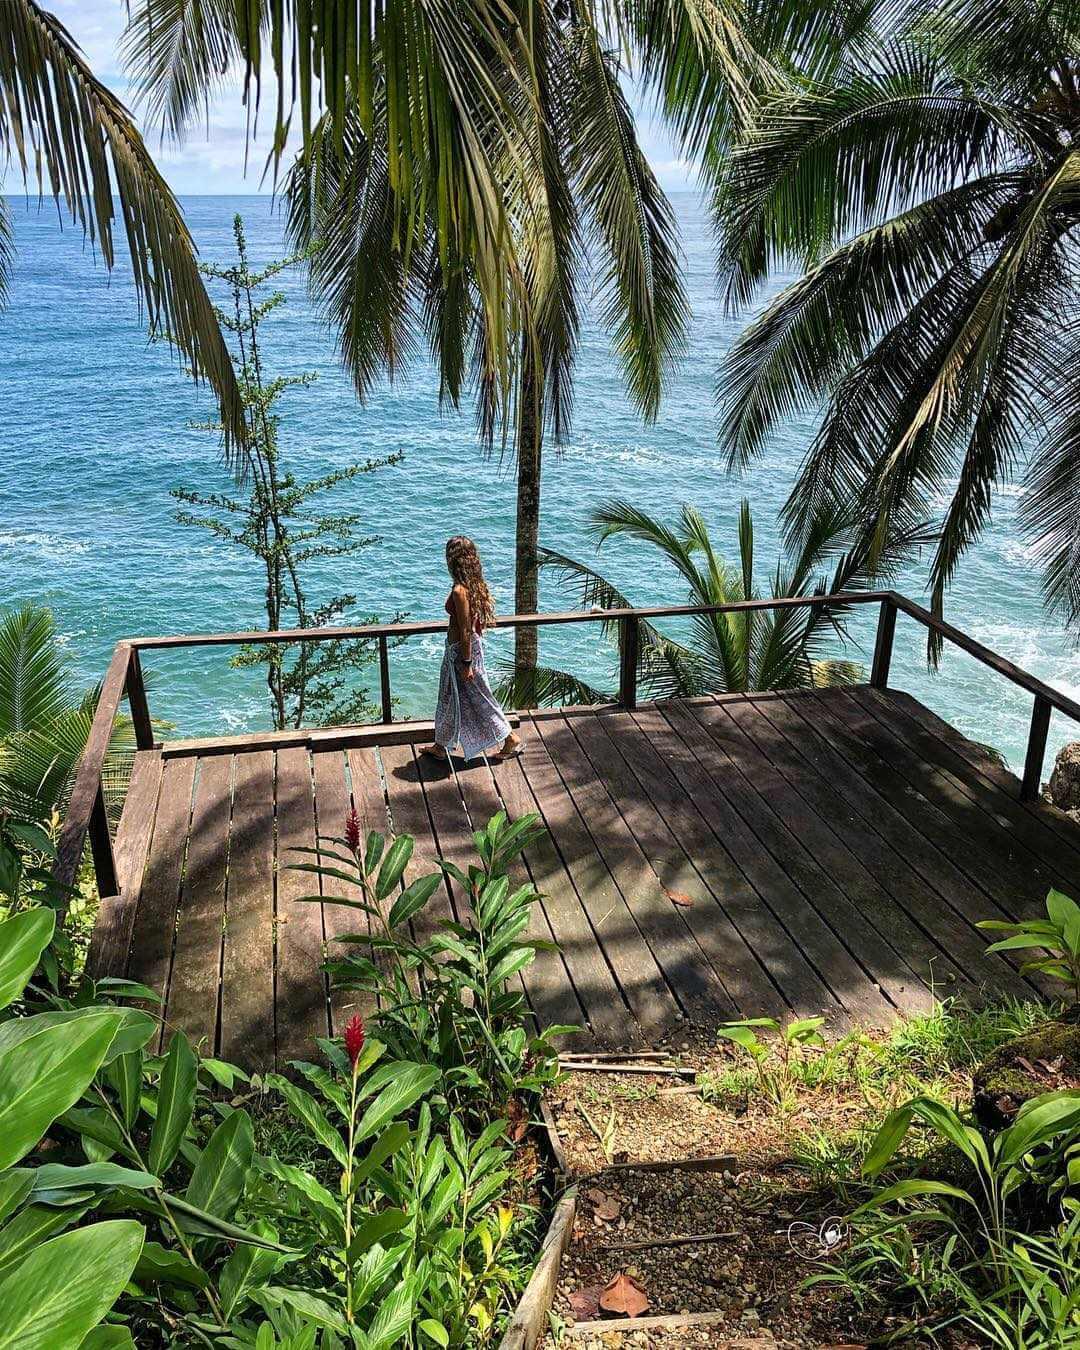 Playas en el pacífico colombiano